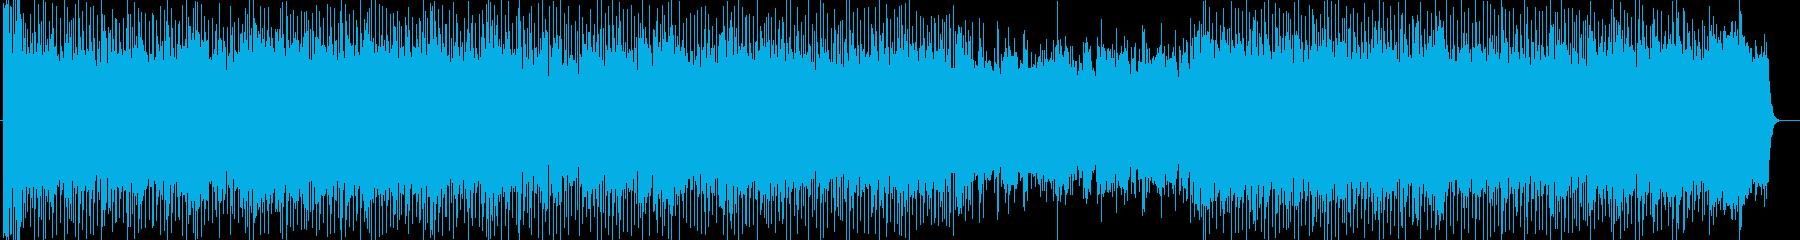 元気のあるシンセサイザーの曲の再生済みの波形